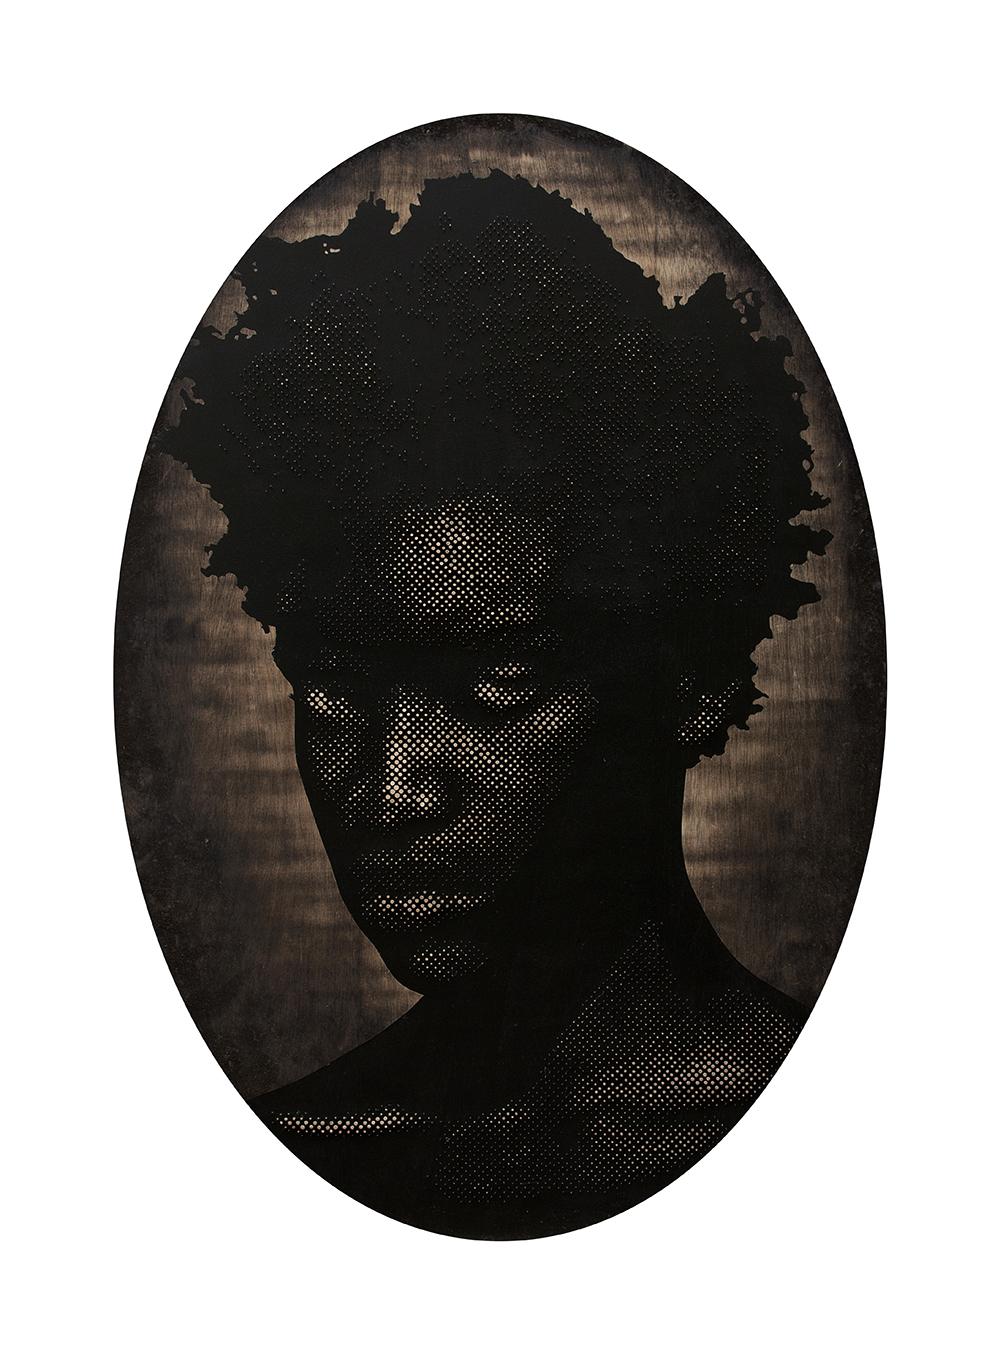 Alexis Peskine, Nkisi, 2018.